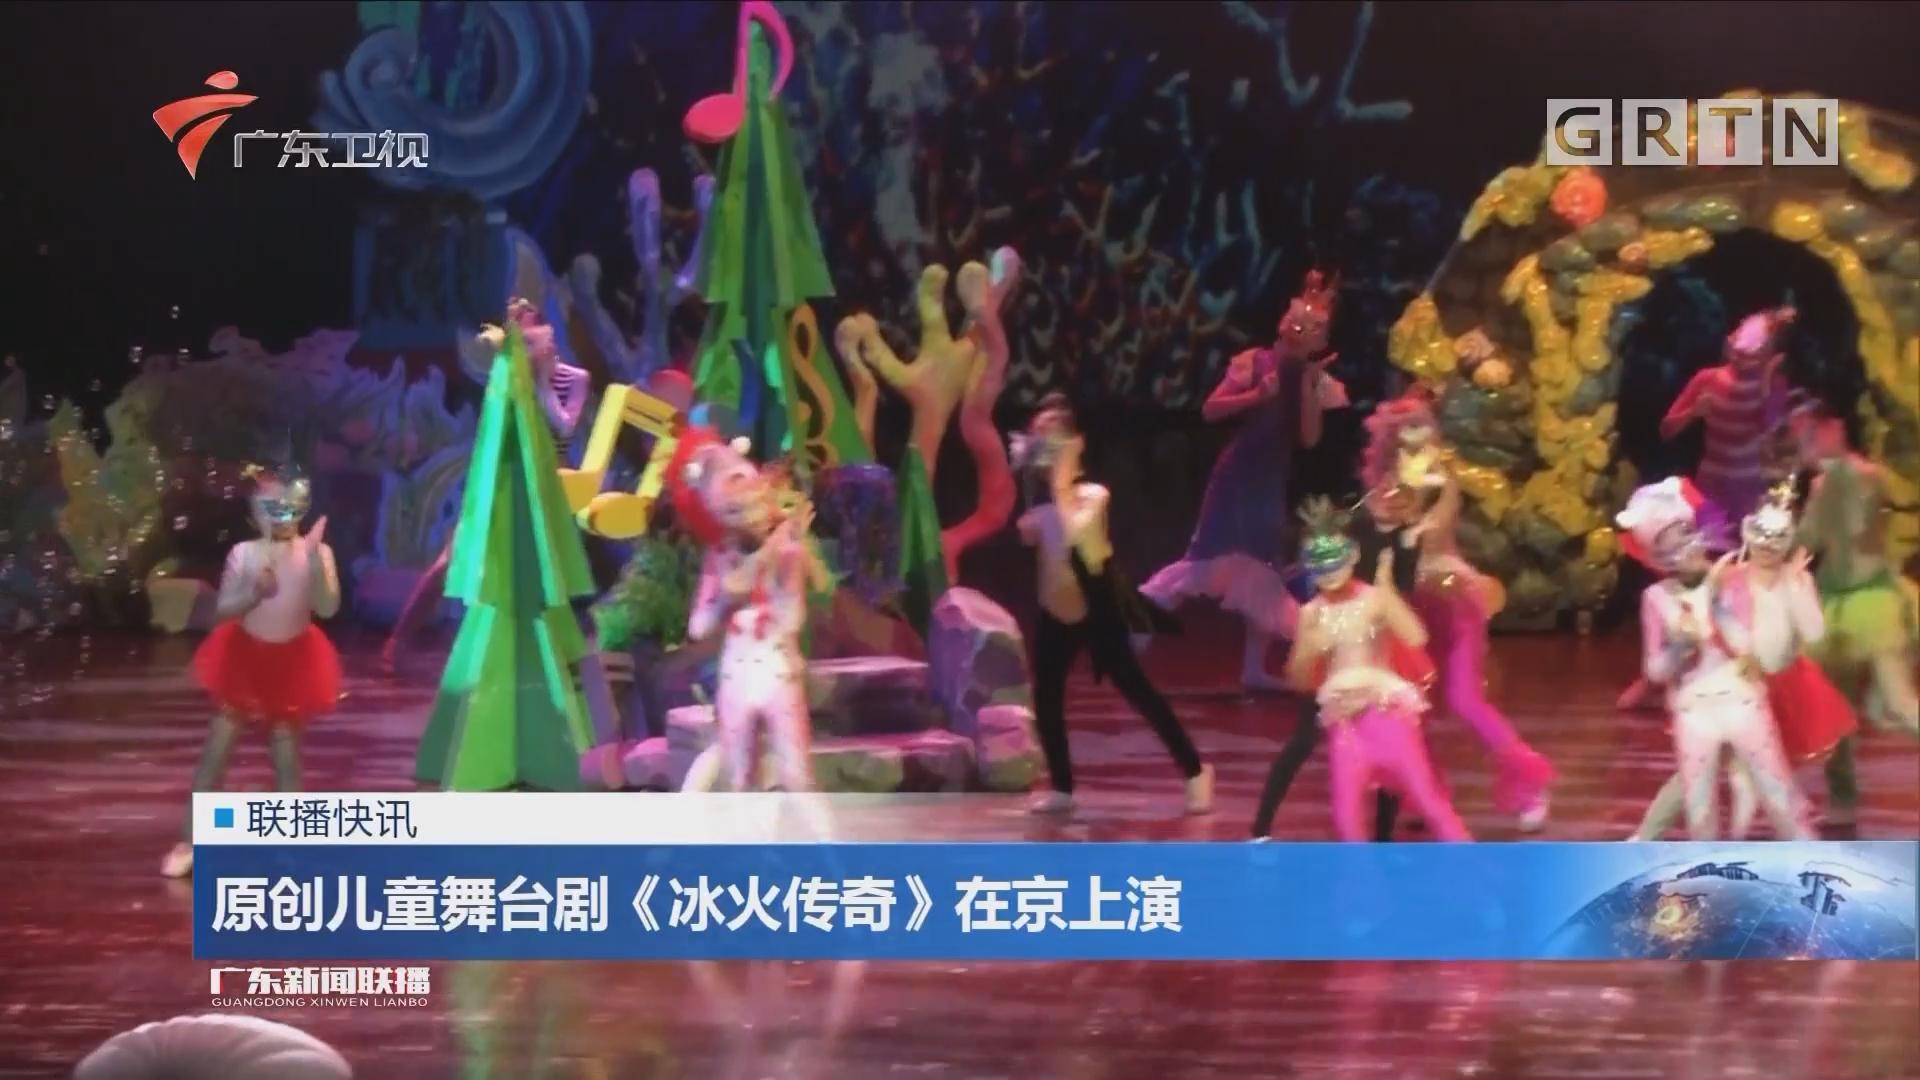 原创儿童舞台剧《冰火传奇》在京上演